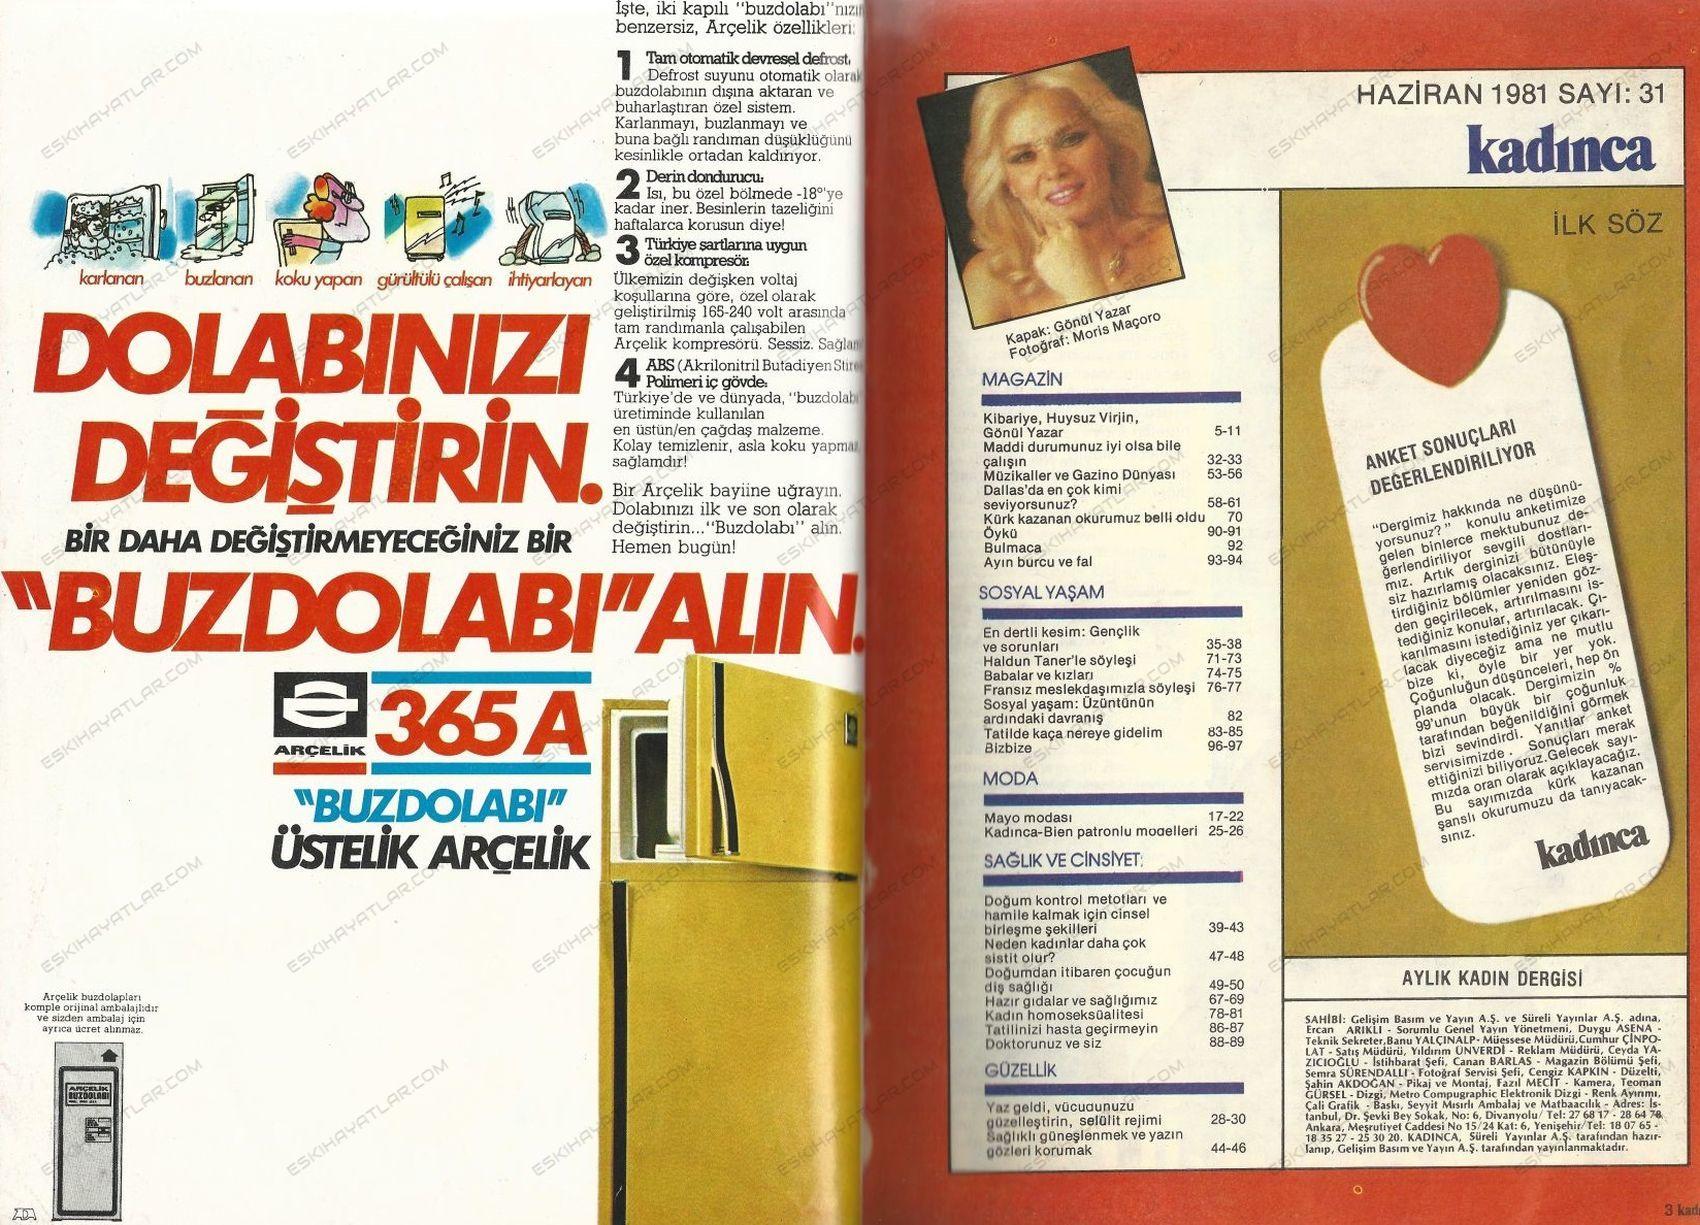 0337-seksenli-yillarda-buzdolabi-reklamlari-arcelik-365a-model-dolap-gorseli